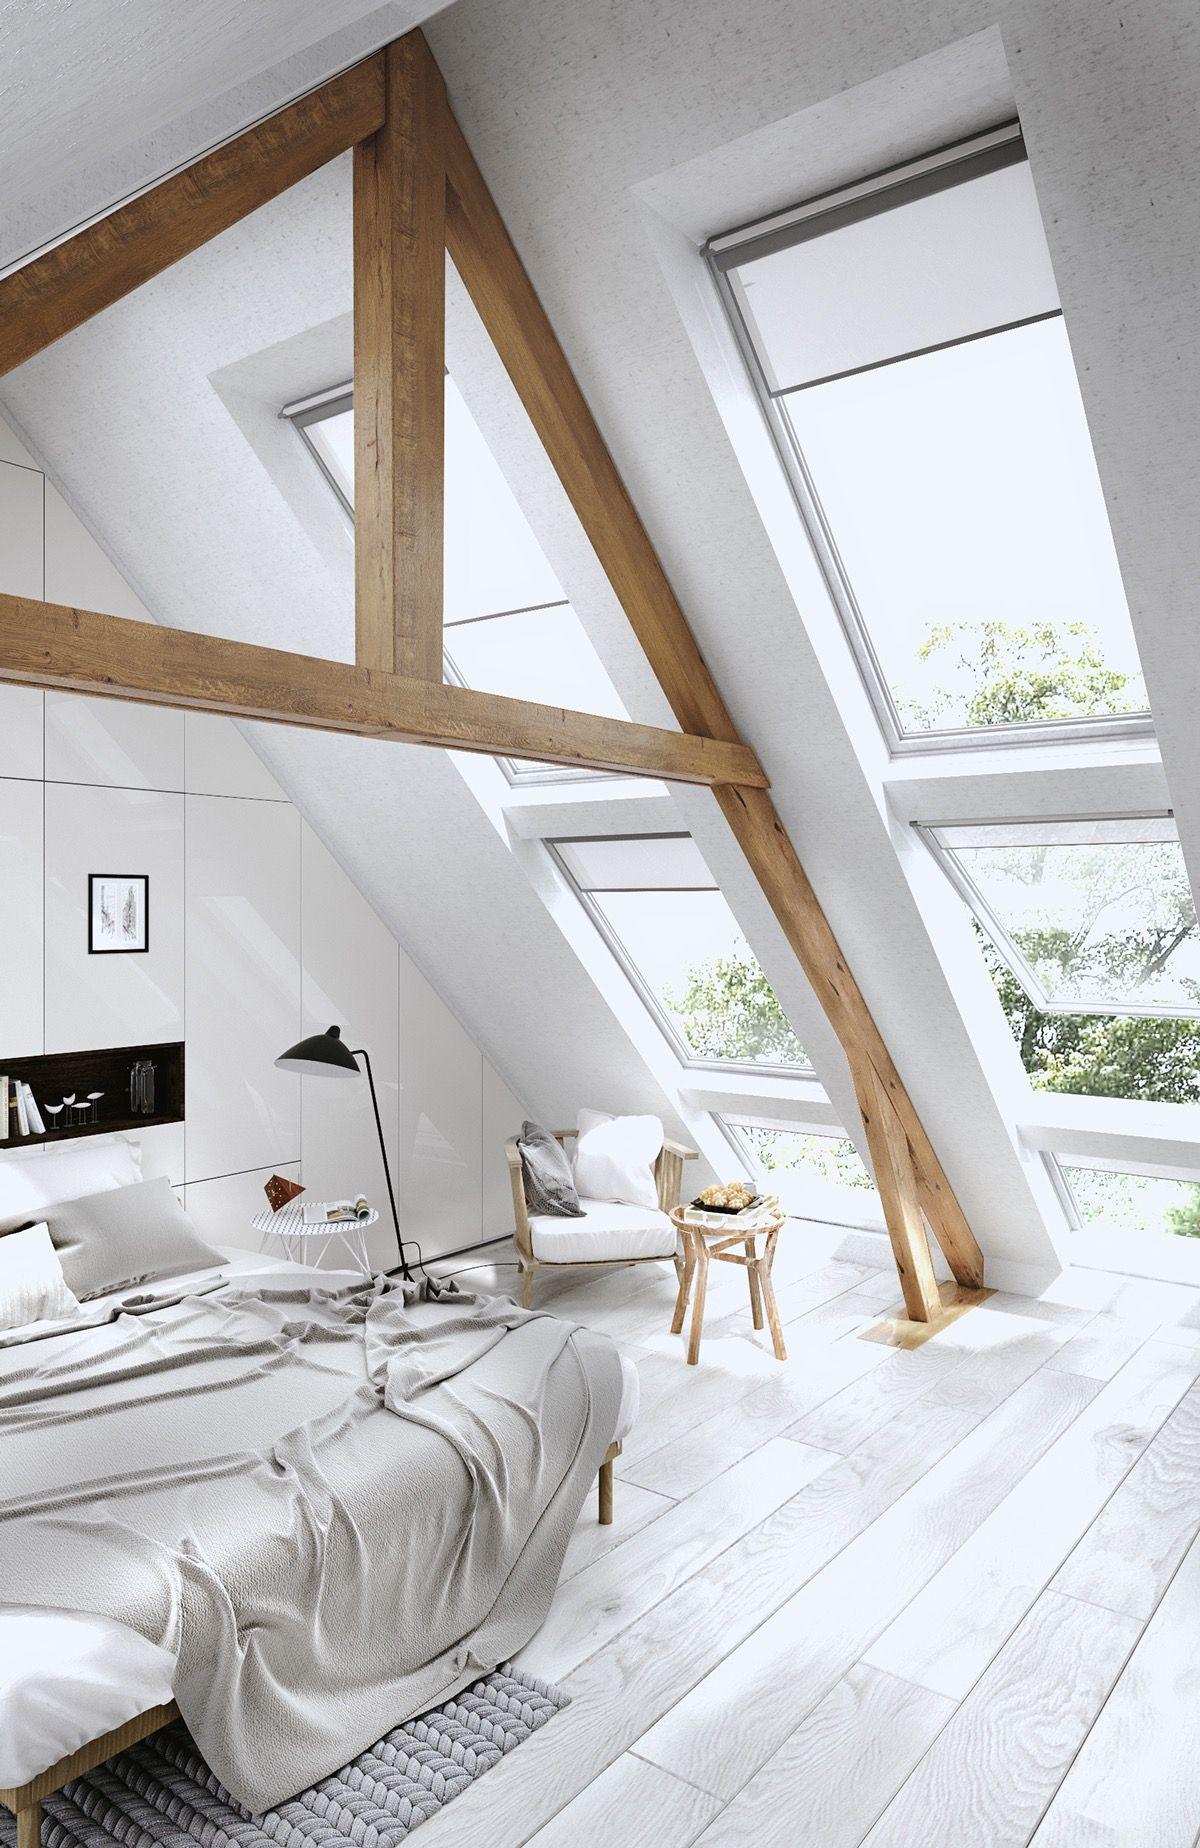 8 Cozy Bedroom Attic Lofts Attic Bedroom Designs Loft Spaces Attic Bedroom Decor